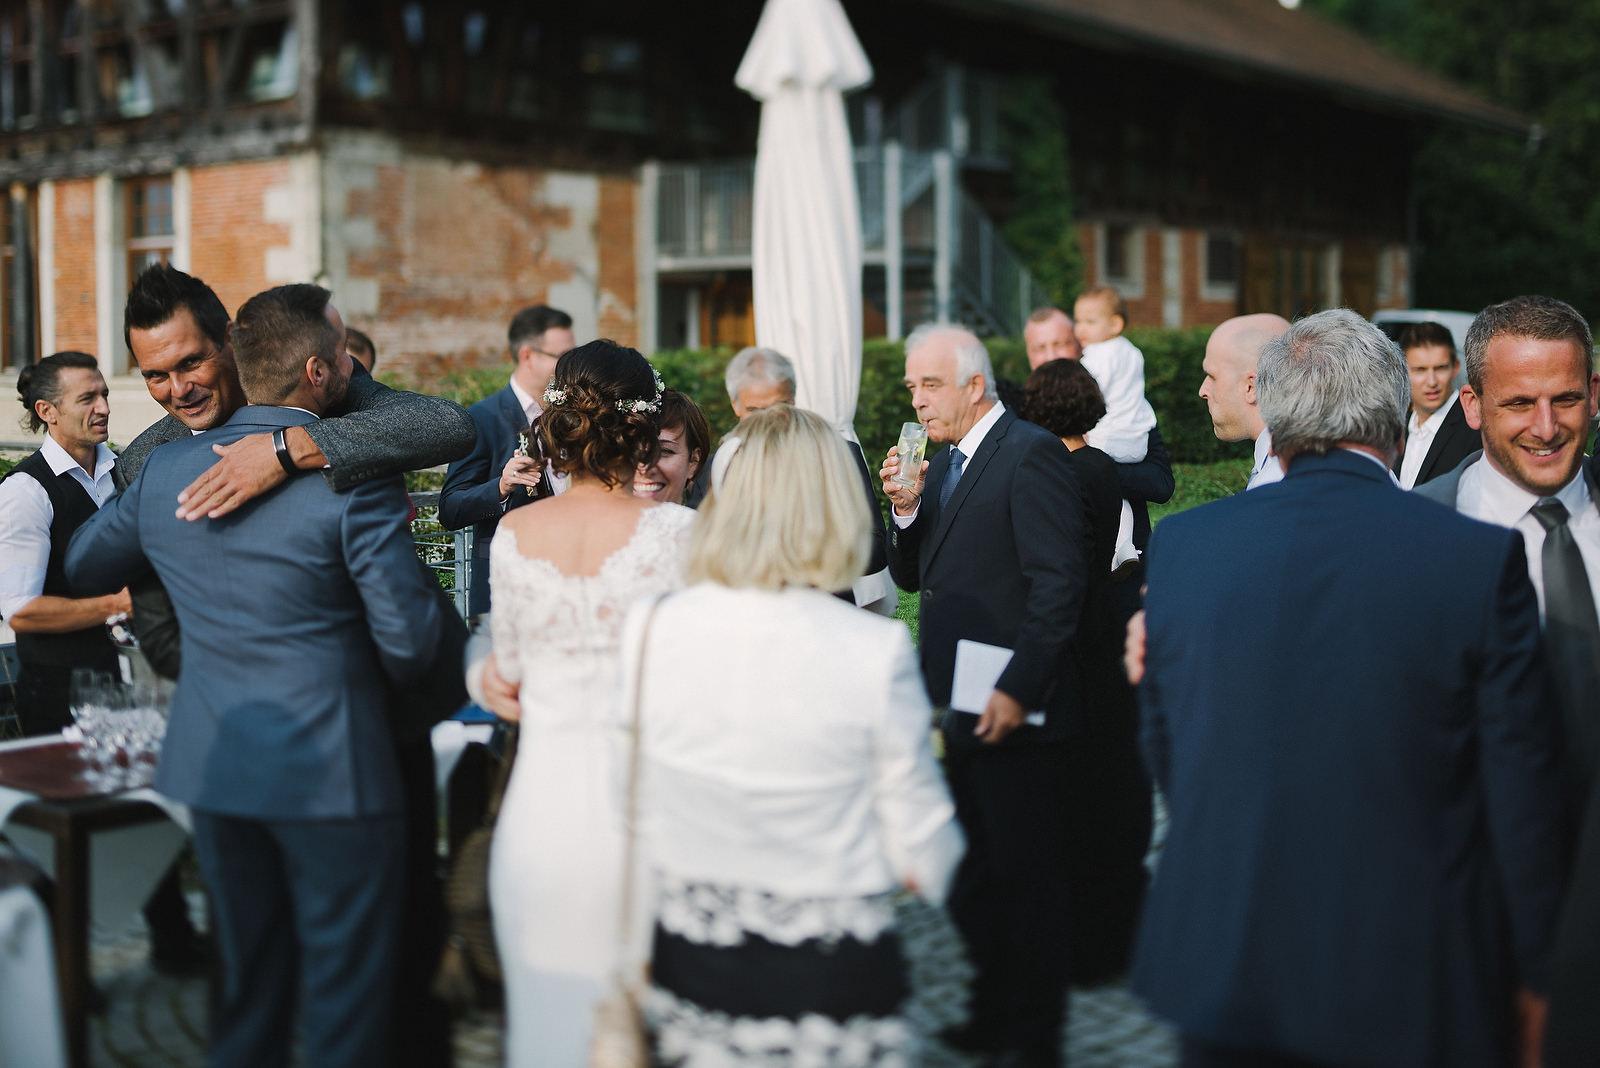 Fotograf Konstanz - Hochzeitsfotograf Reutlingen Achalm Hochzeit EFP 69 - Documentary wedding story on the Achalm, Reutlingen  - 54 -